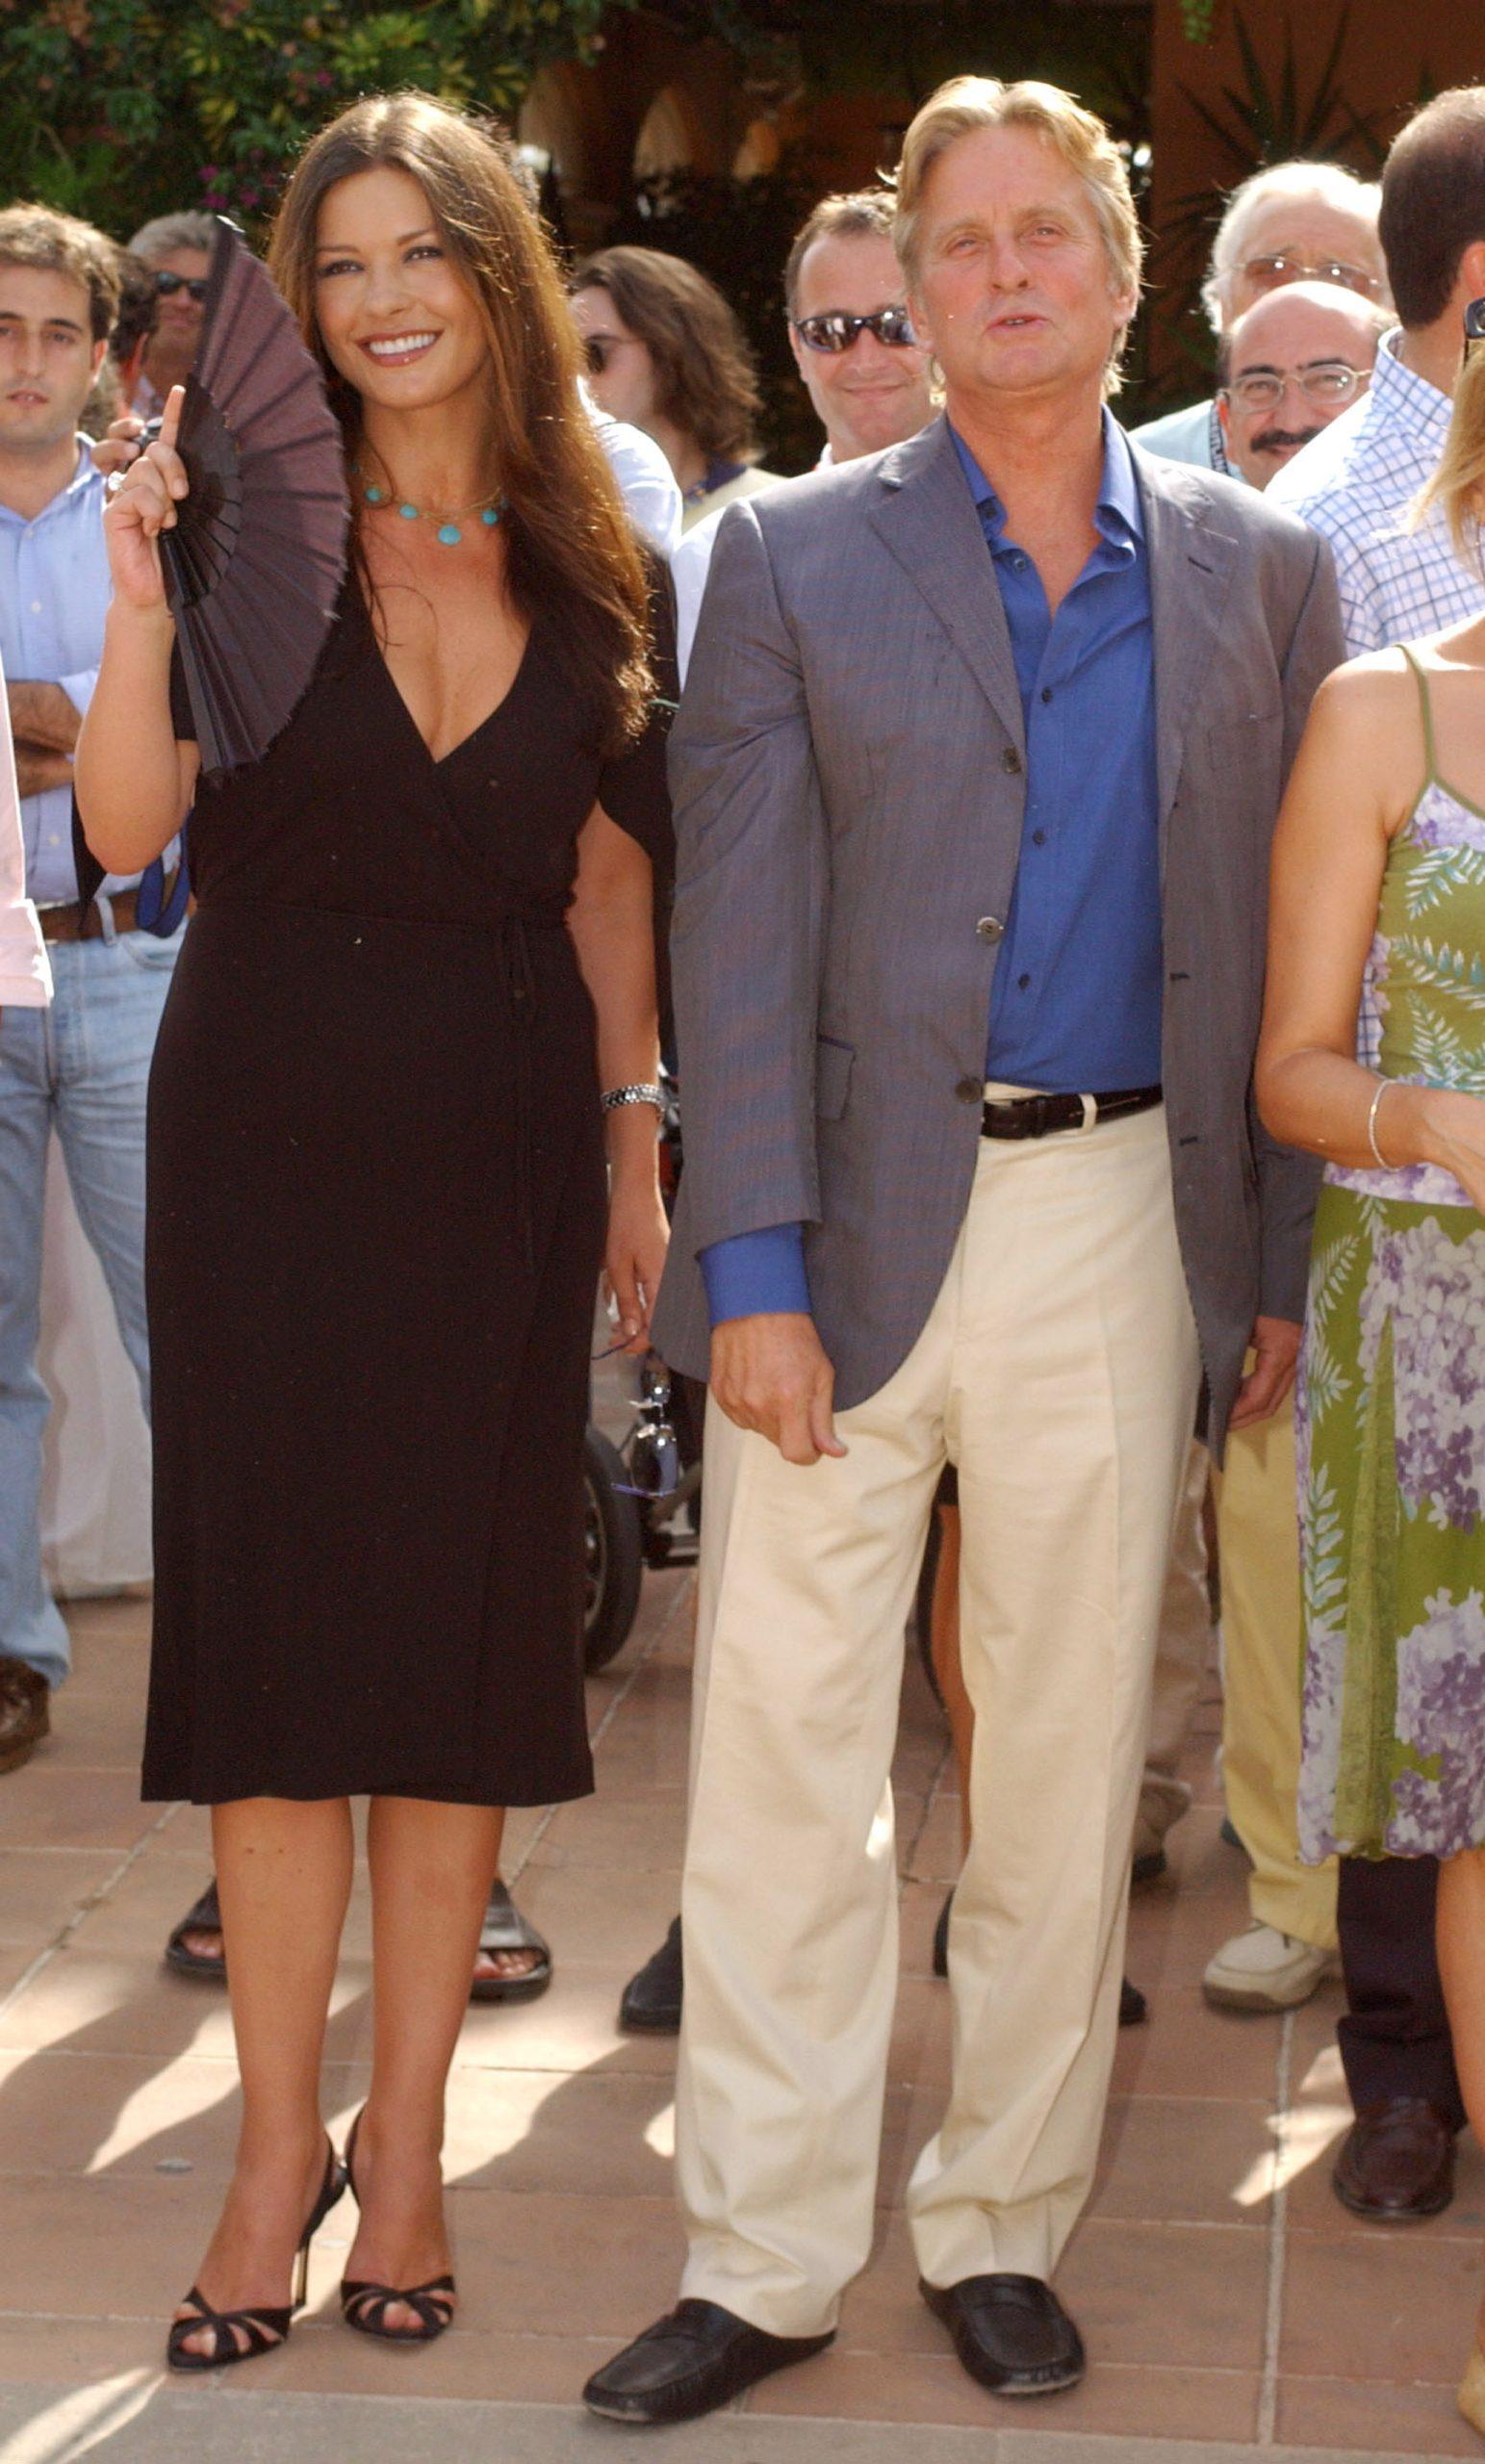 Какая пара! 20 фото именинников Майкла Дугласа и Кэтрин Зеты-Джонс